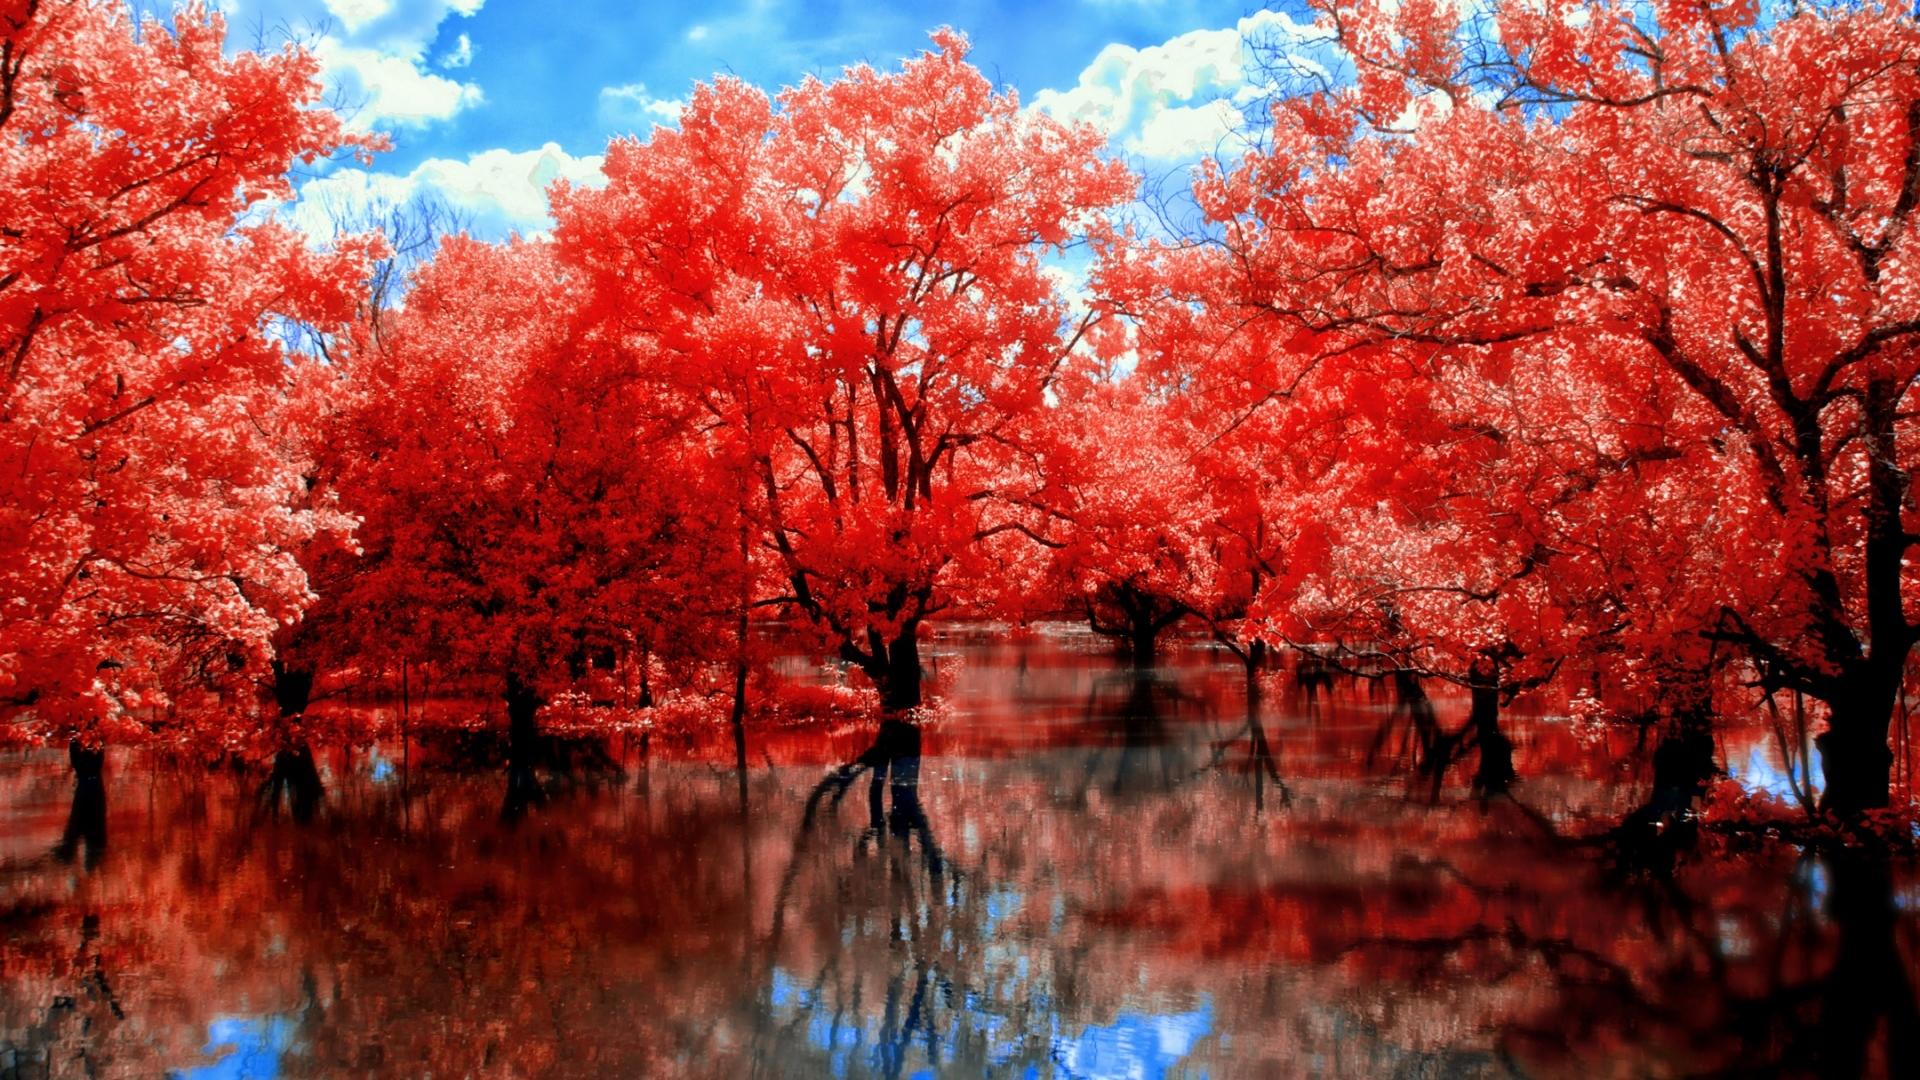 红枫树的叶子大概是什么时候开始变黄呢?